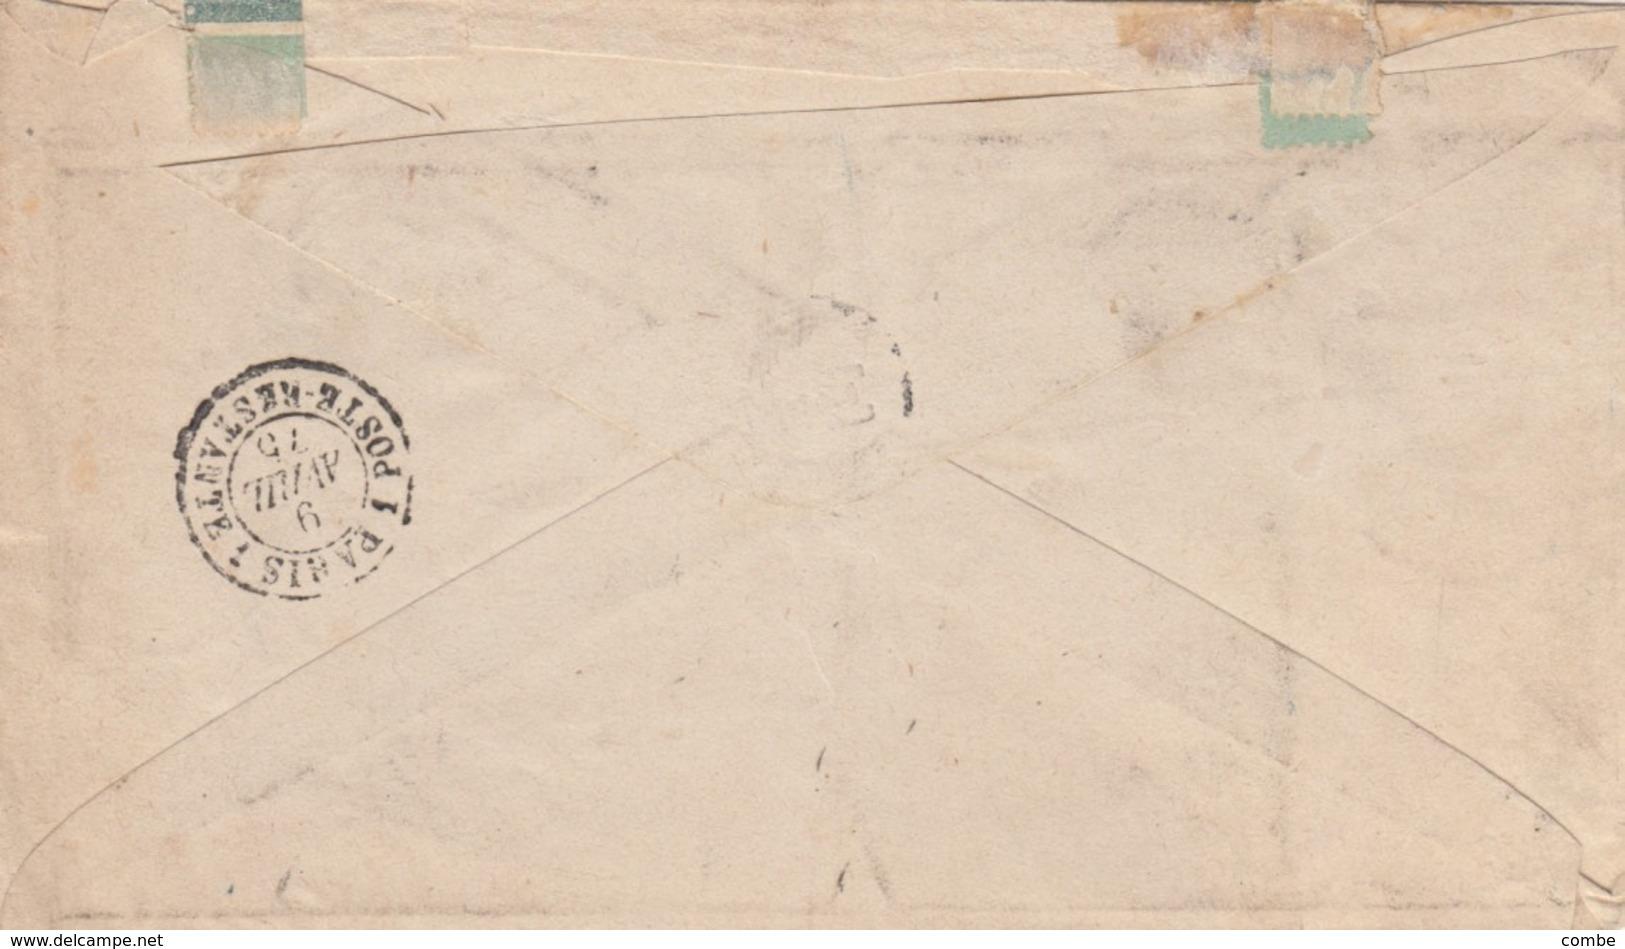 LETTRE. SUISSE. 8 4 1875. ENTIER 10c. PD. SARNEY POUR PARIS. ENTREE SUISSE BELFORT  / 3 - Stamped Stationery